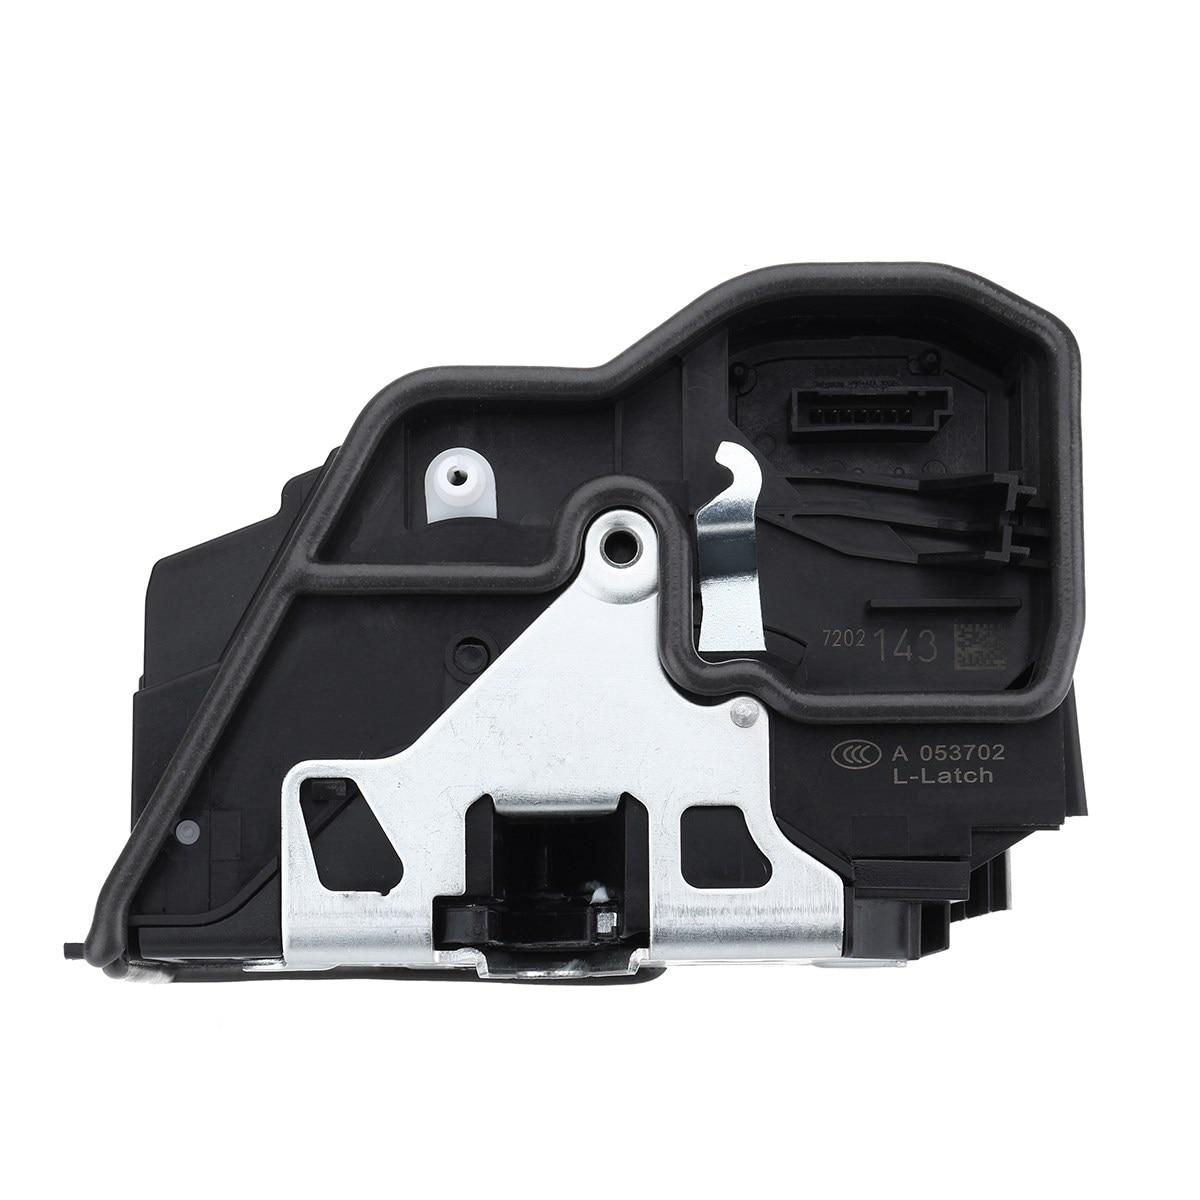 Actionneur électrique de verrou de porte de puissance pour BMW X6 E60 E70 E90 OEM 51217202143 51217202146 51227202147 51227202148 - 5